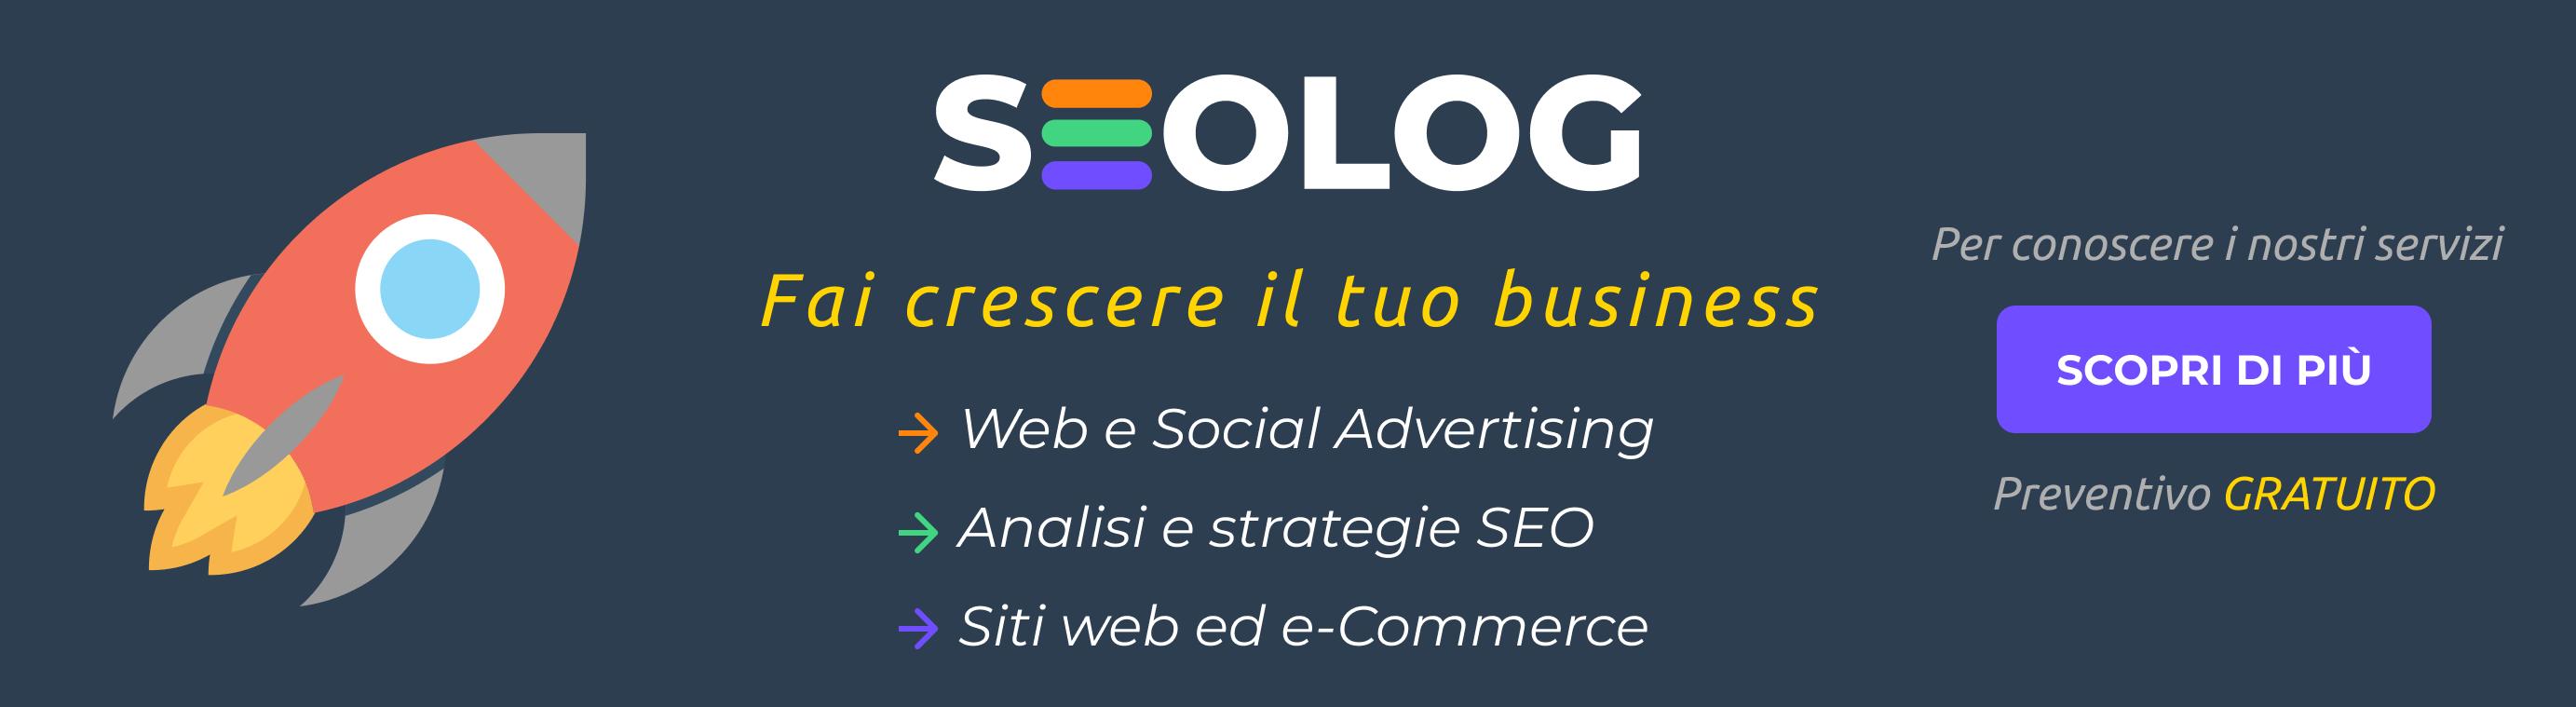 servizi seo e web marketing - banner_lungo